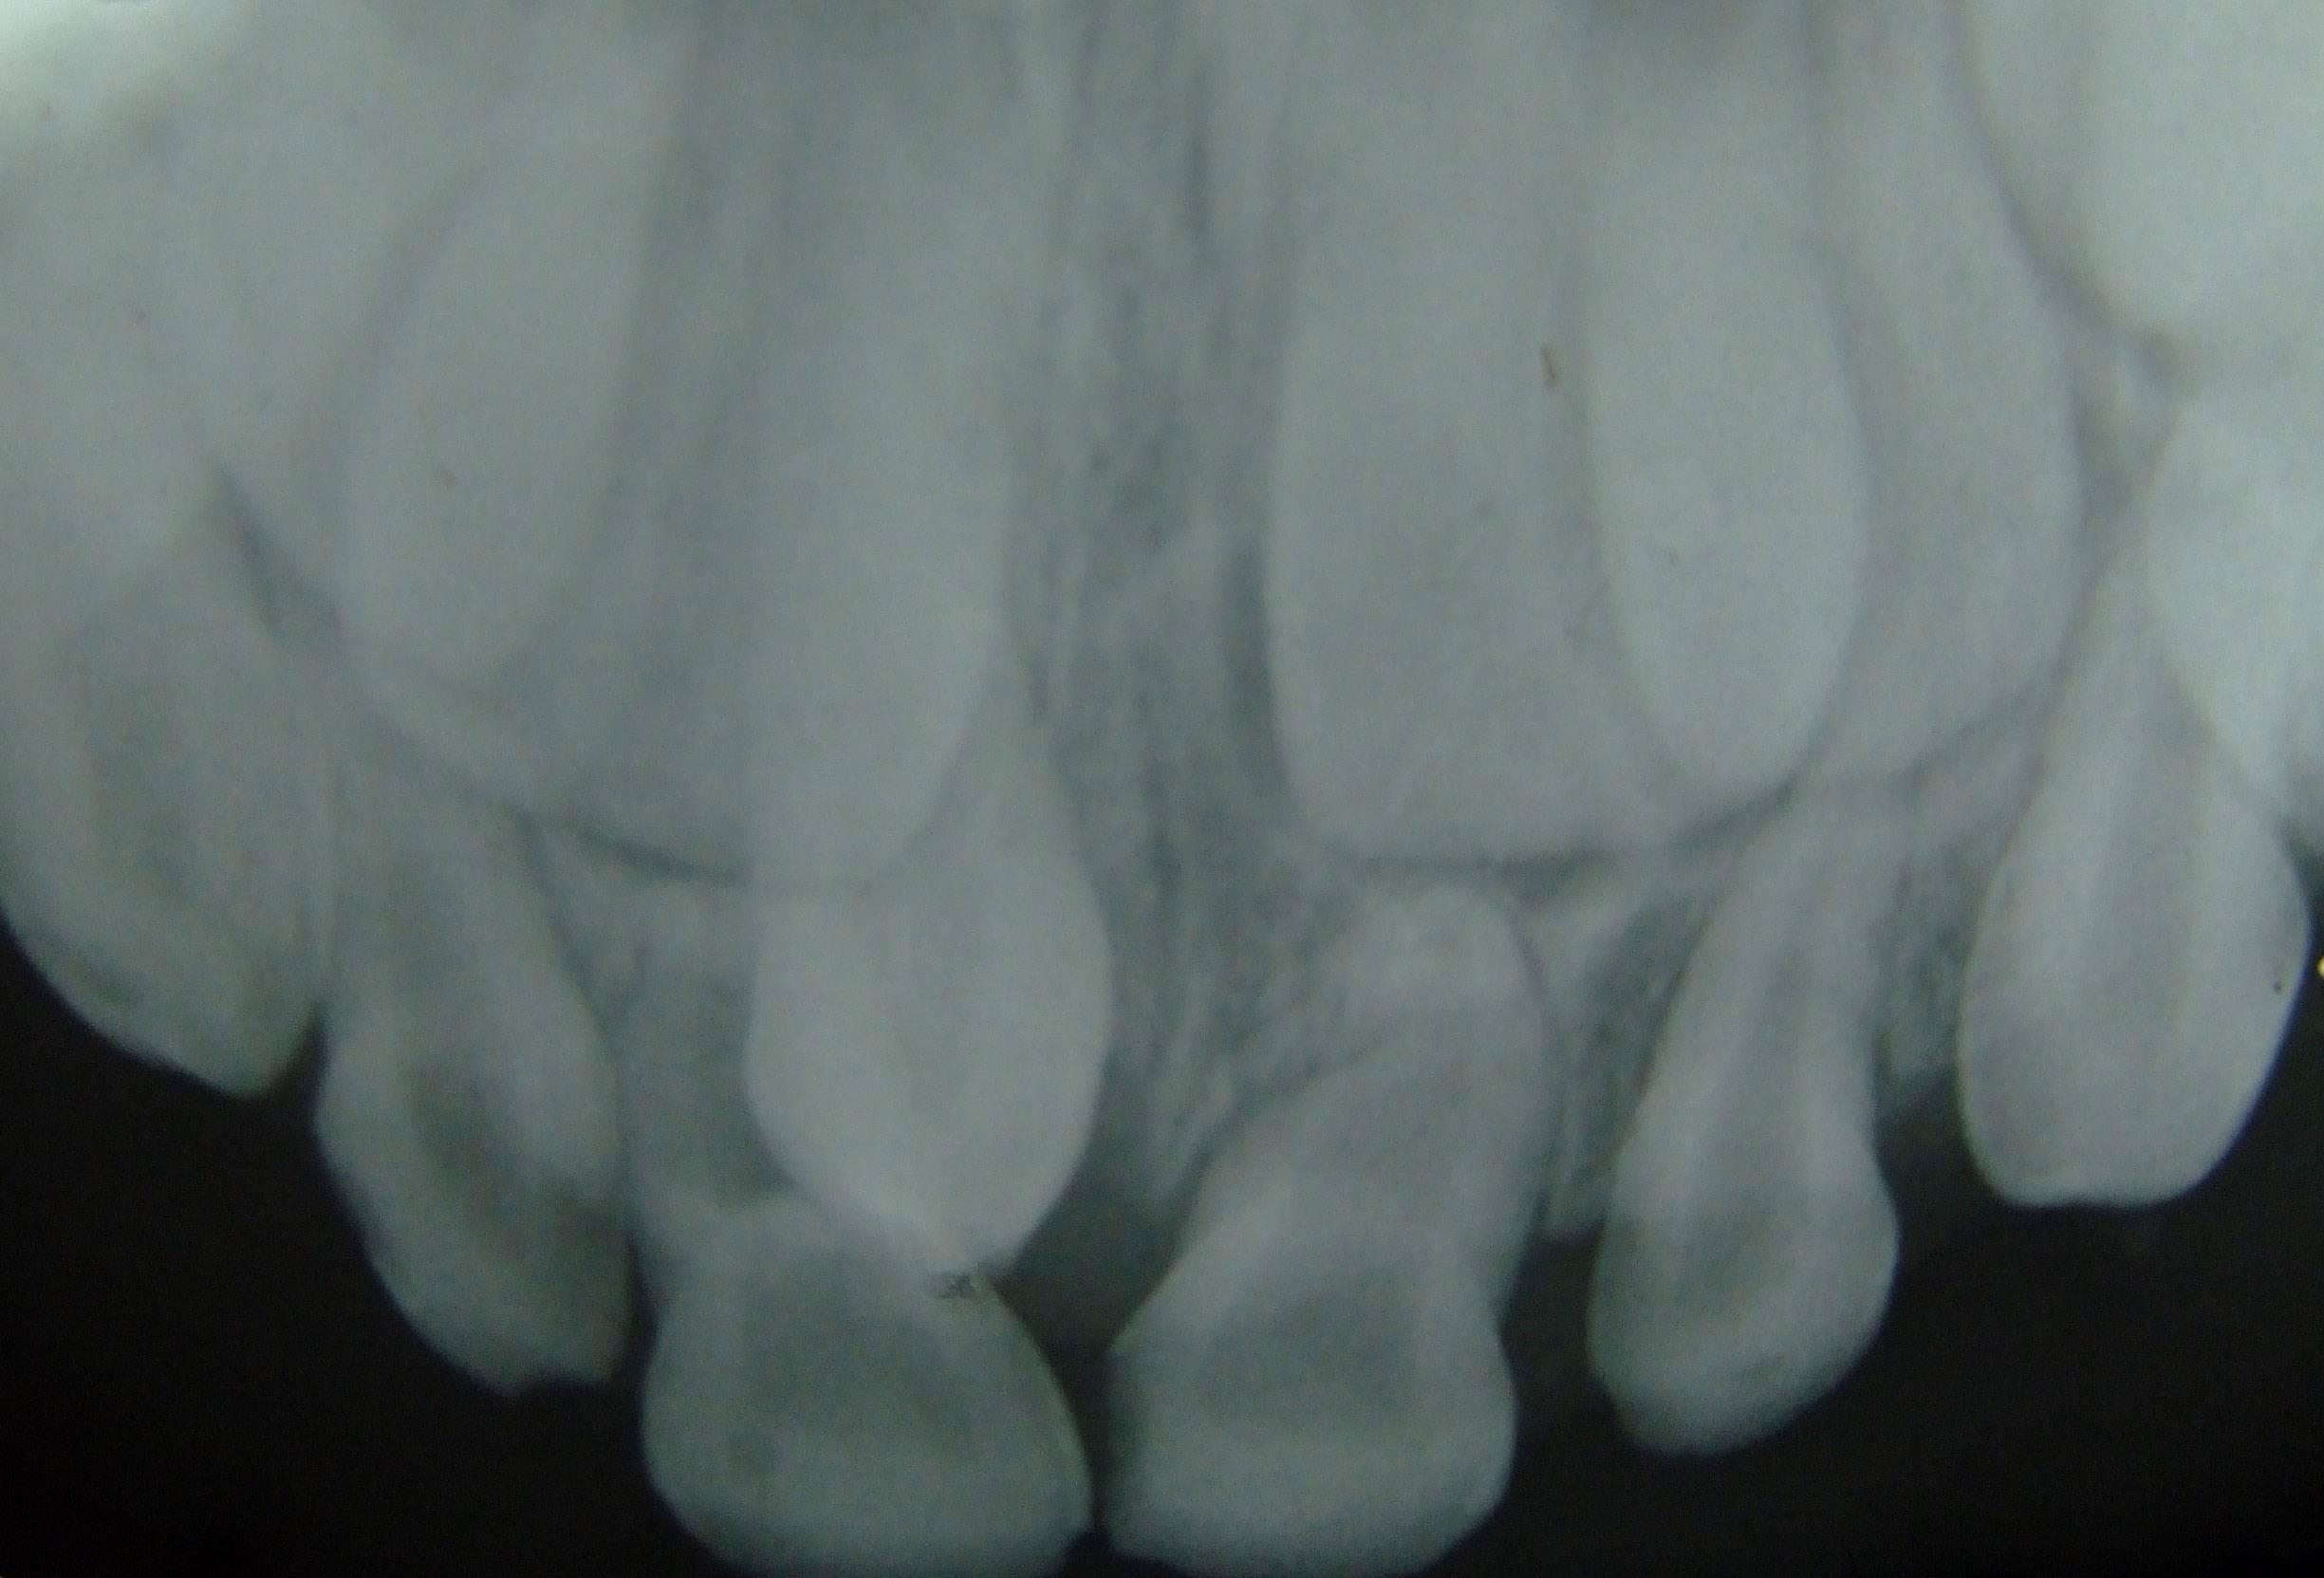 Гипердонтия (полиодонтия) у человека: что такое сверхкомплектные зубы?